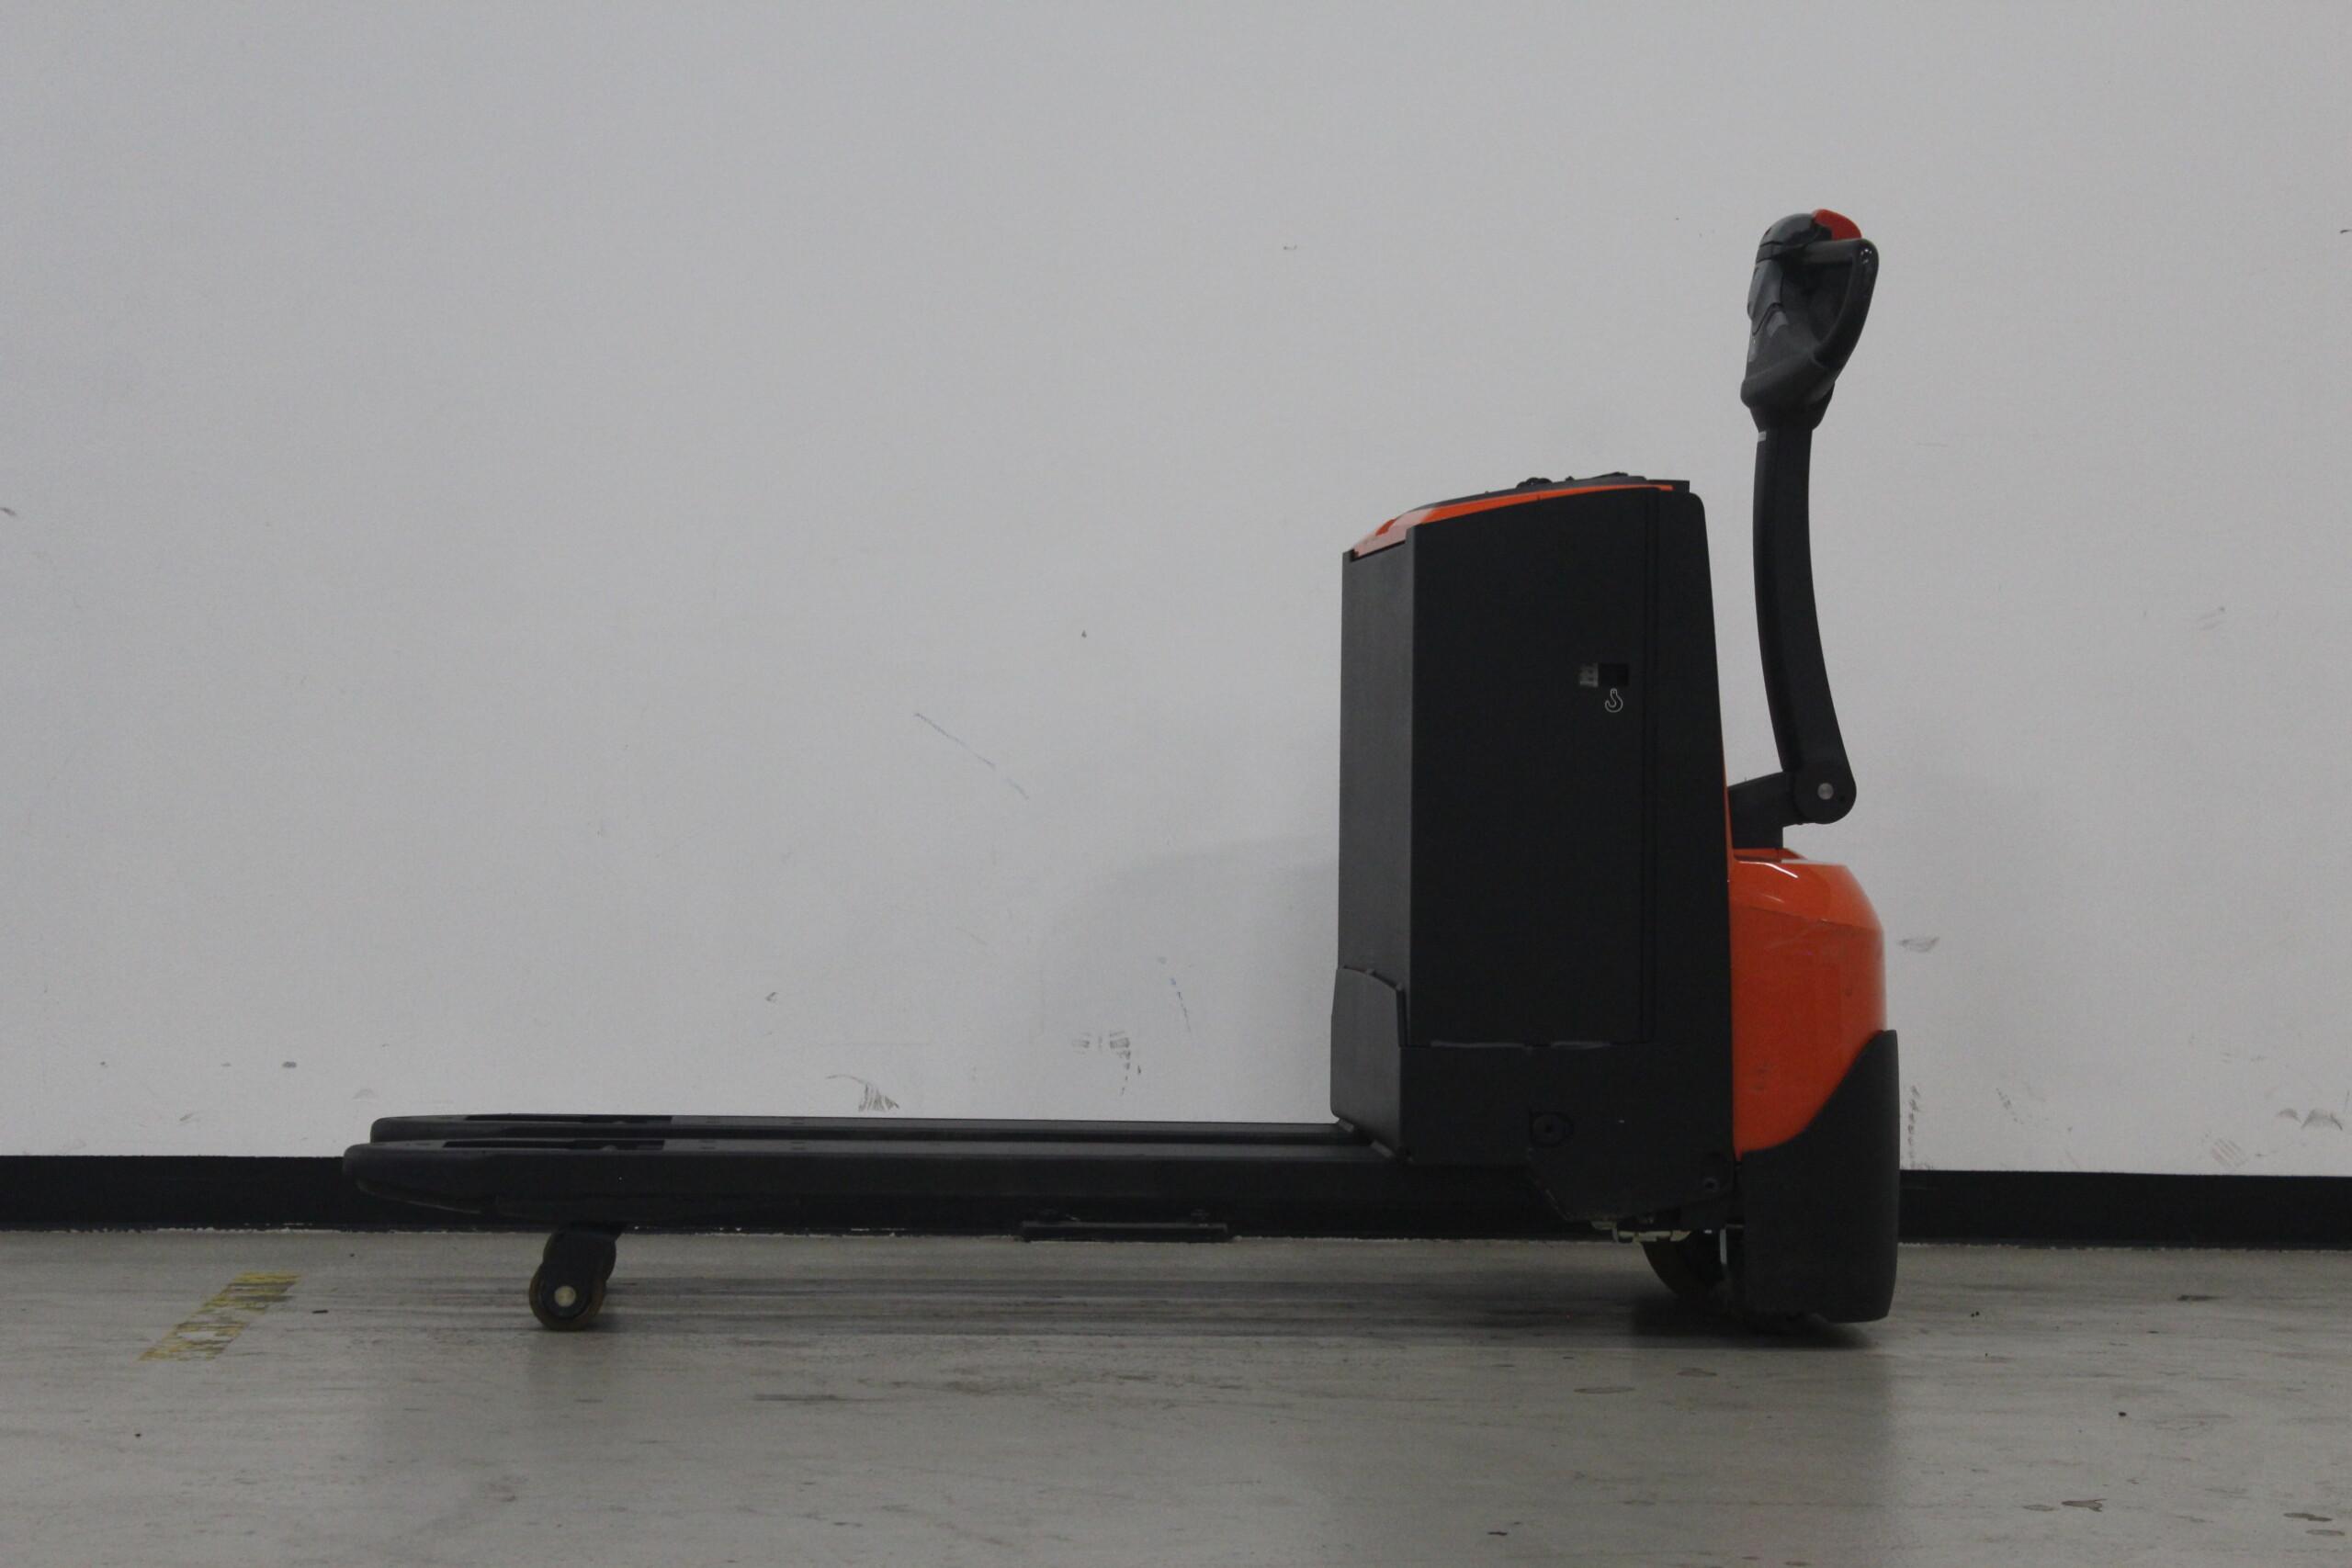 Toyota-Gabelstapler-59840 1610006838 1 33 scaled